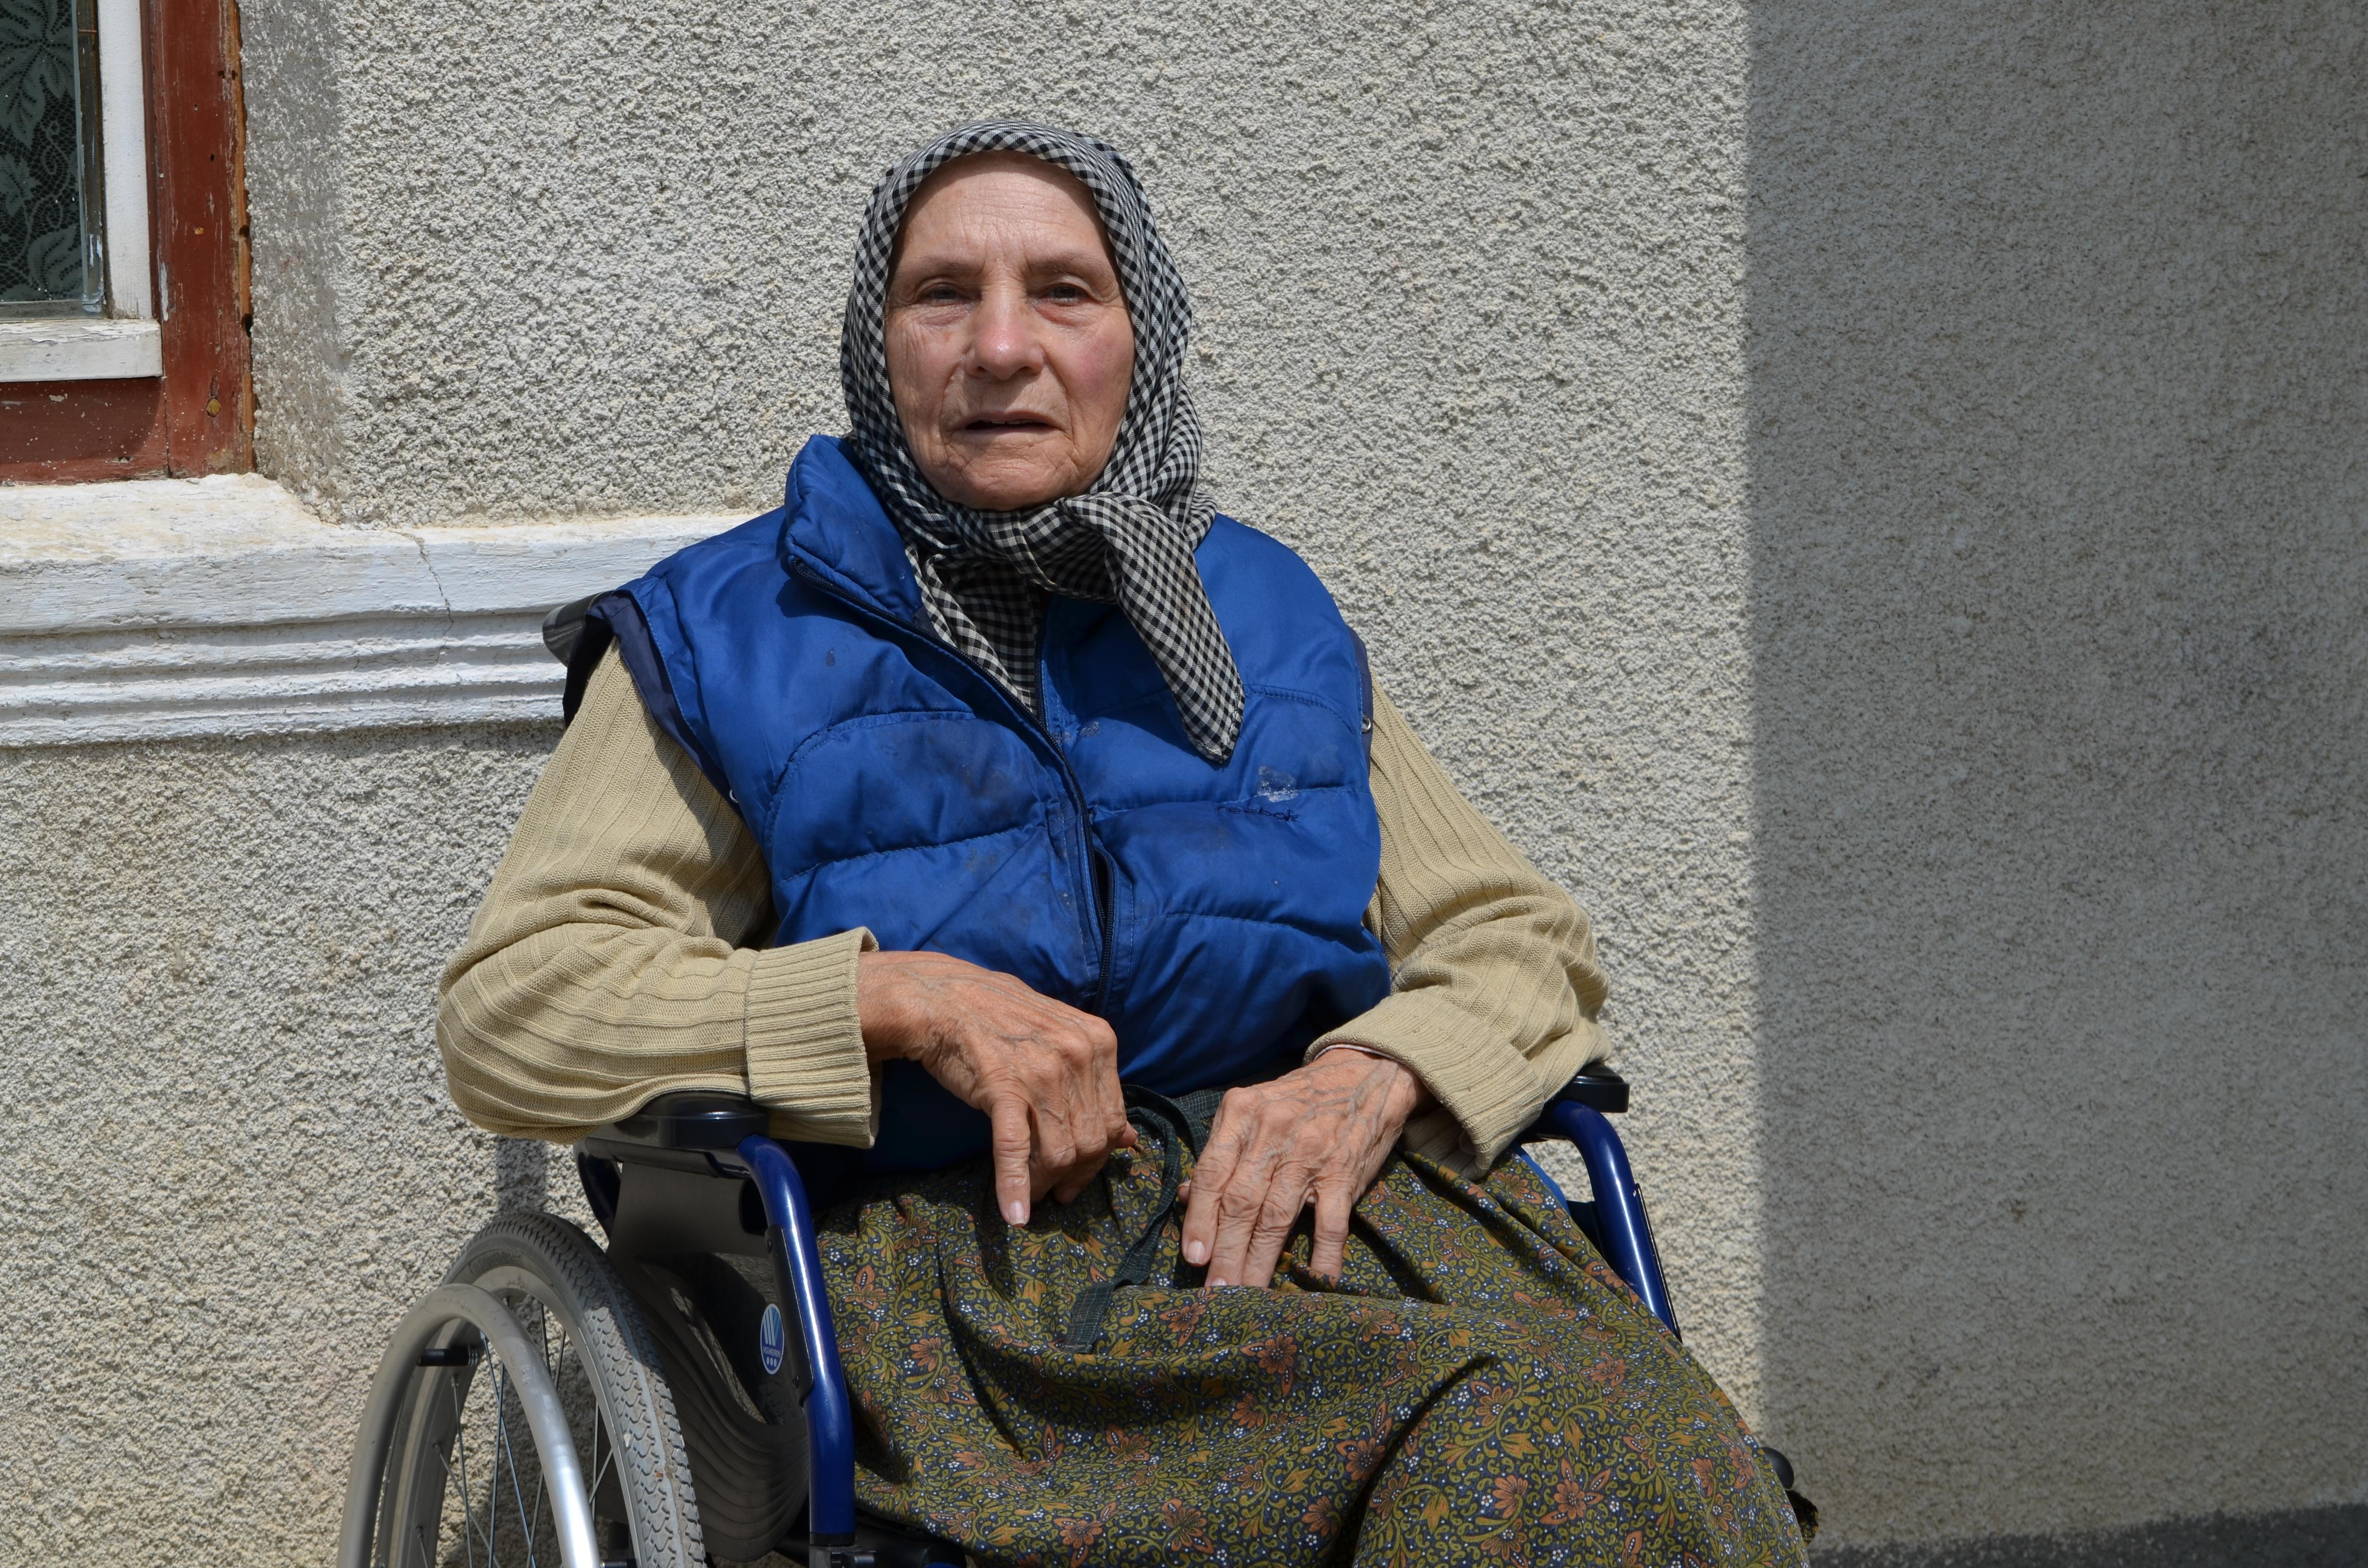 ACCESS - Dobandirea de competente esentiale pentru dezvoltarea de servicii eficace oferite utilizatorilor de scaun rulant.